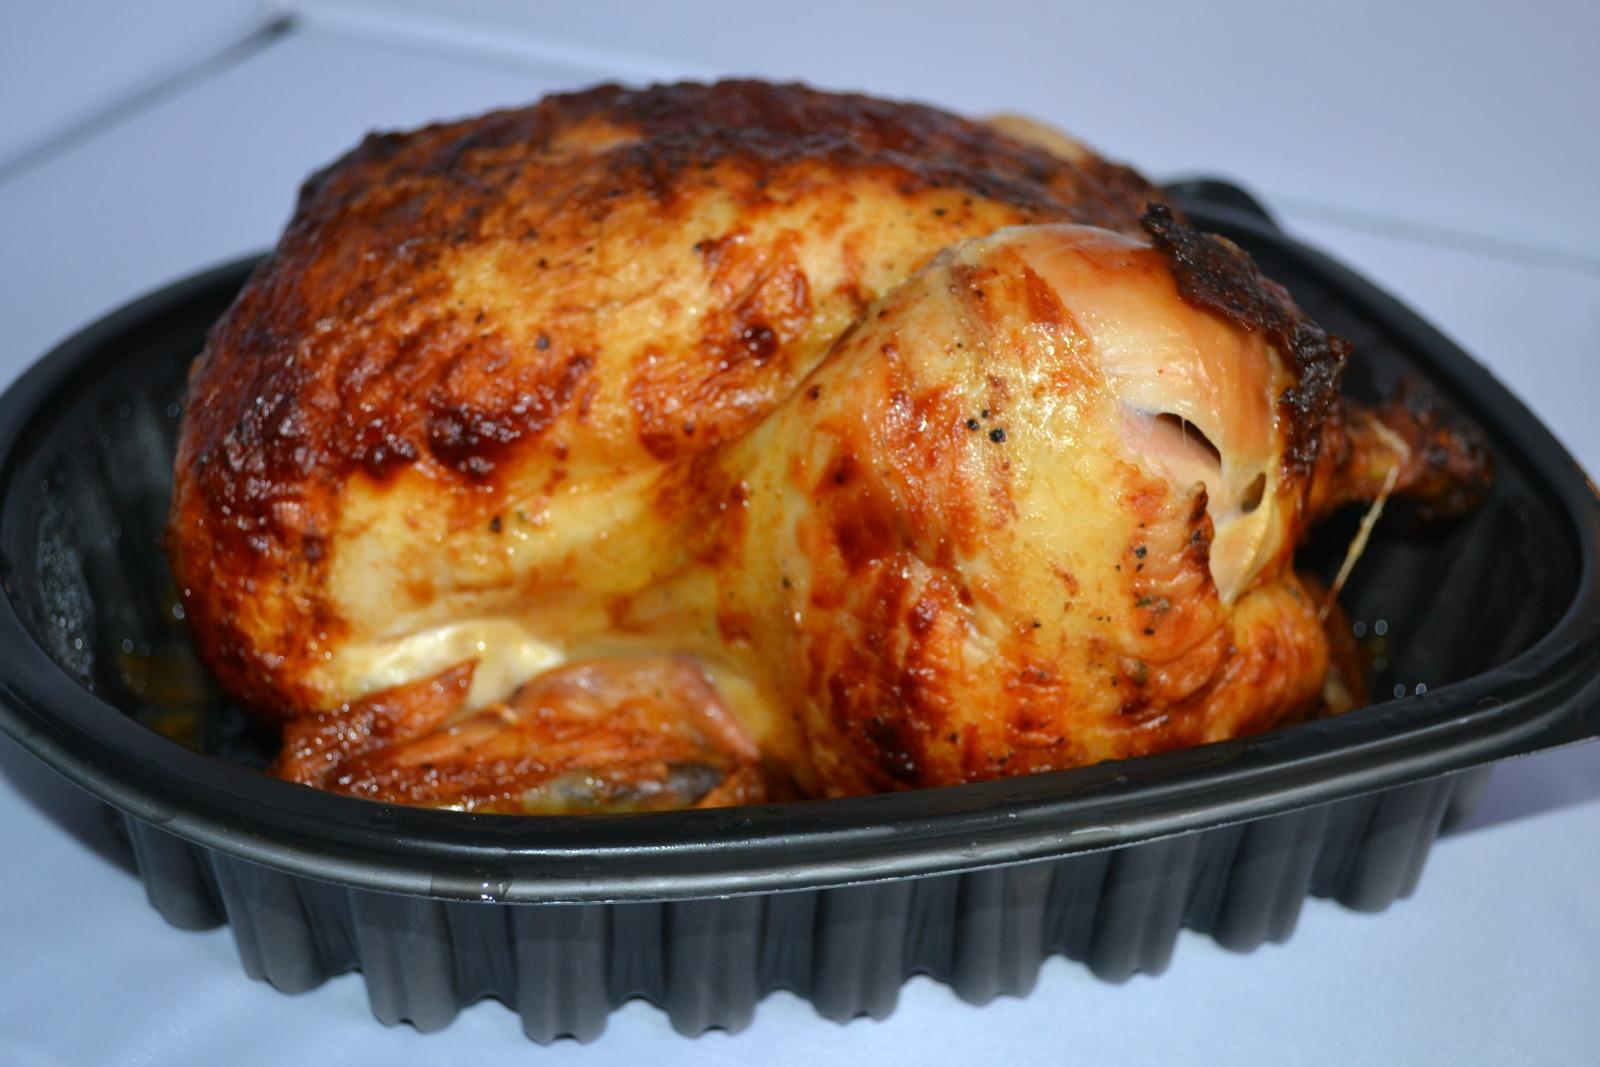 rotisser chicken, downsized cooking, chicken,